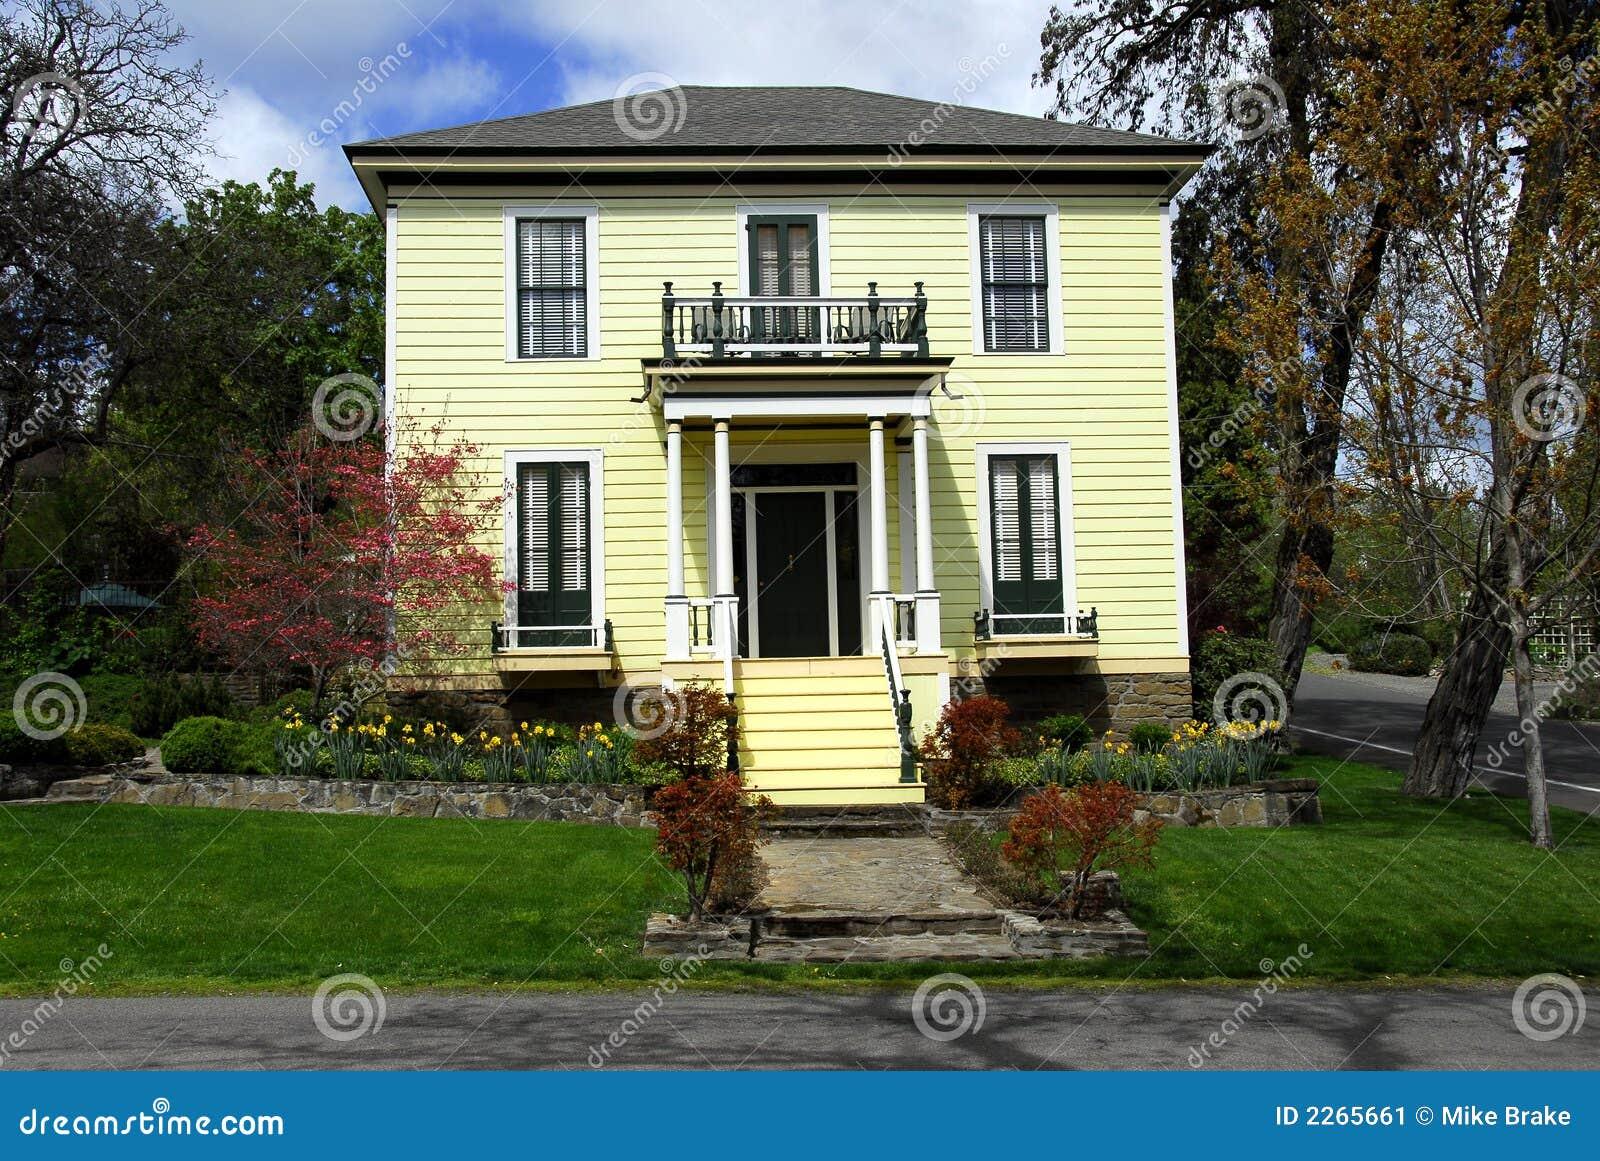 altmodisches haus stockbild bild von b ume architektur 2265661. Black Bedroom Furniture Sets. Home Design Ideas